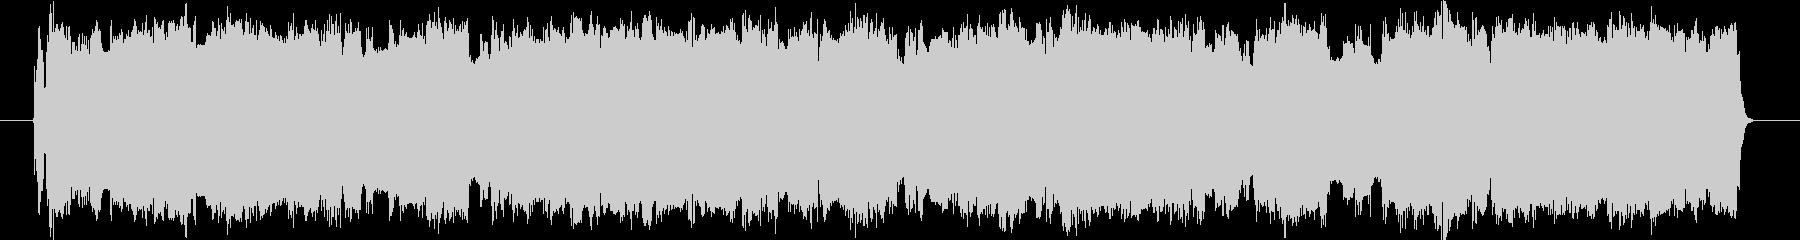 ギターフレーズ004の未再生の波形